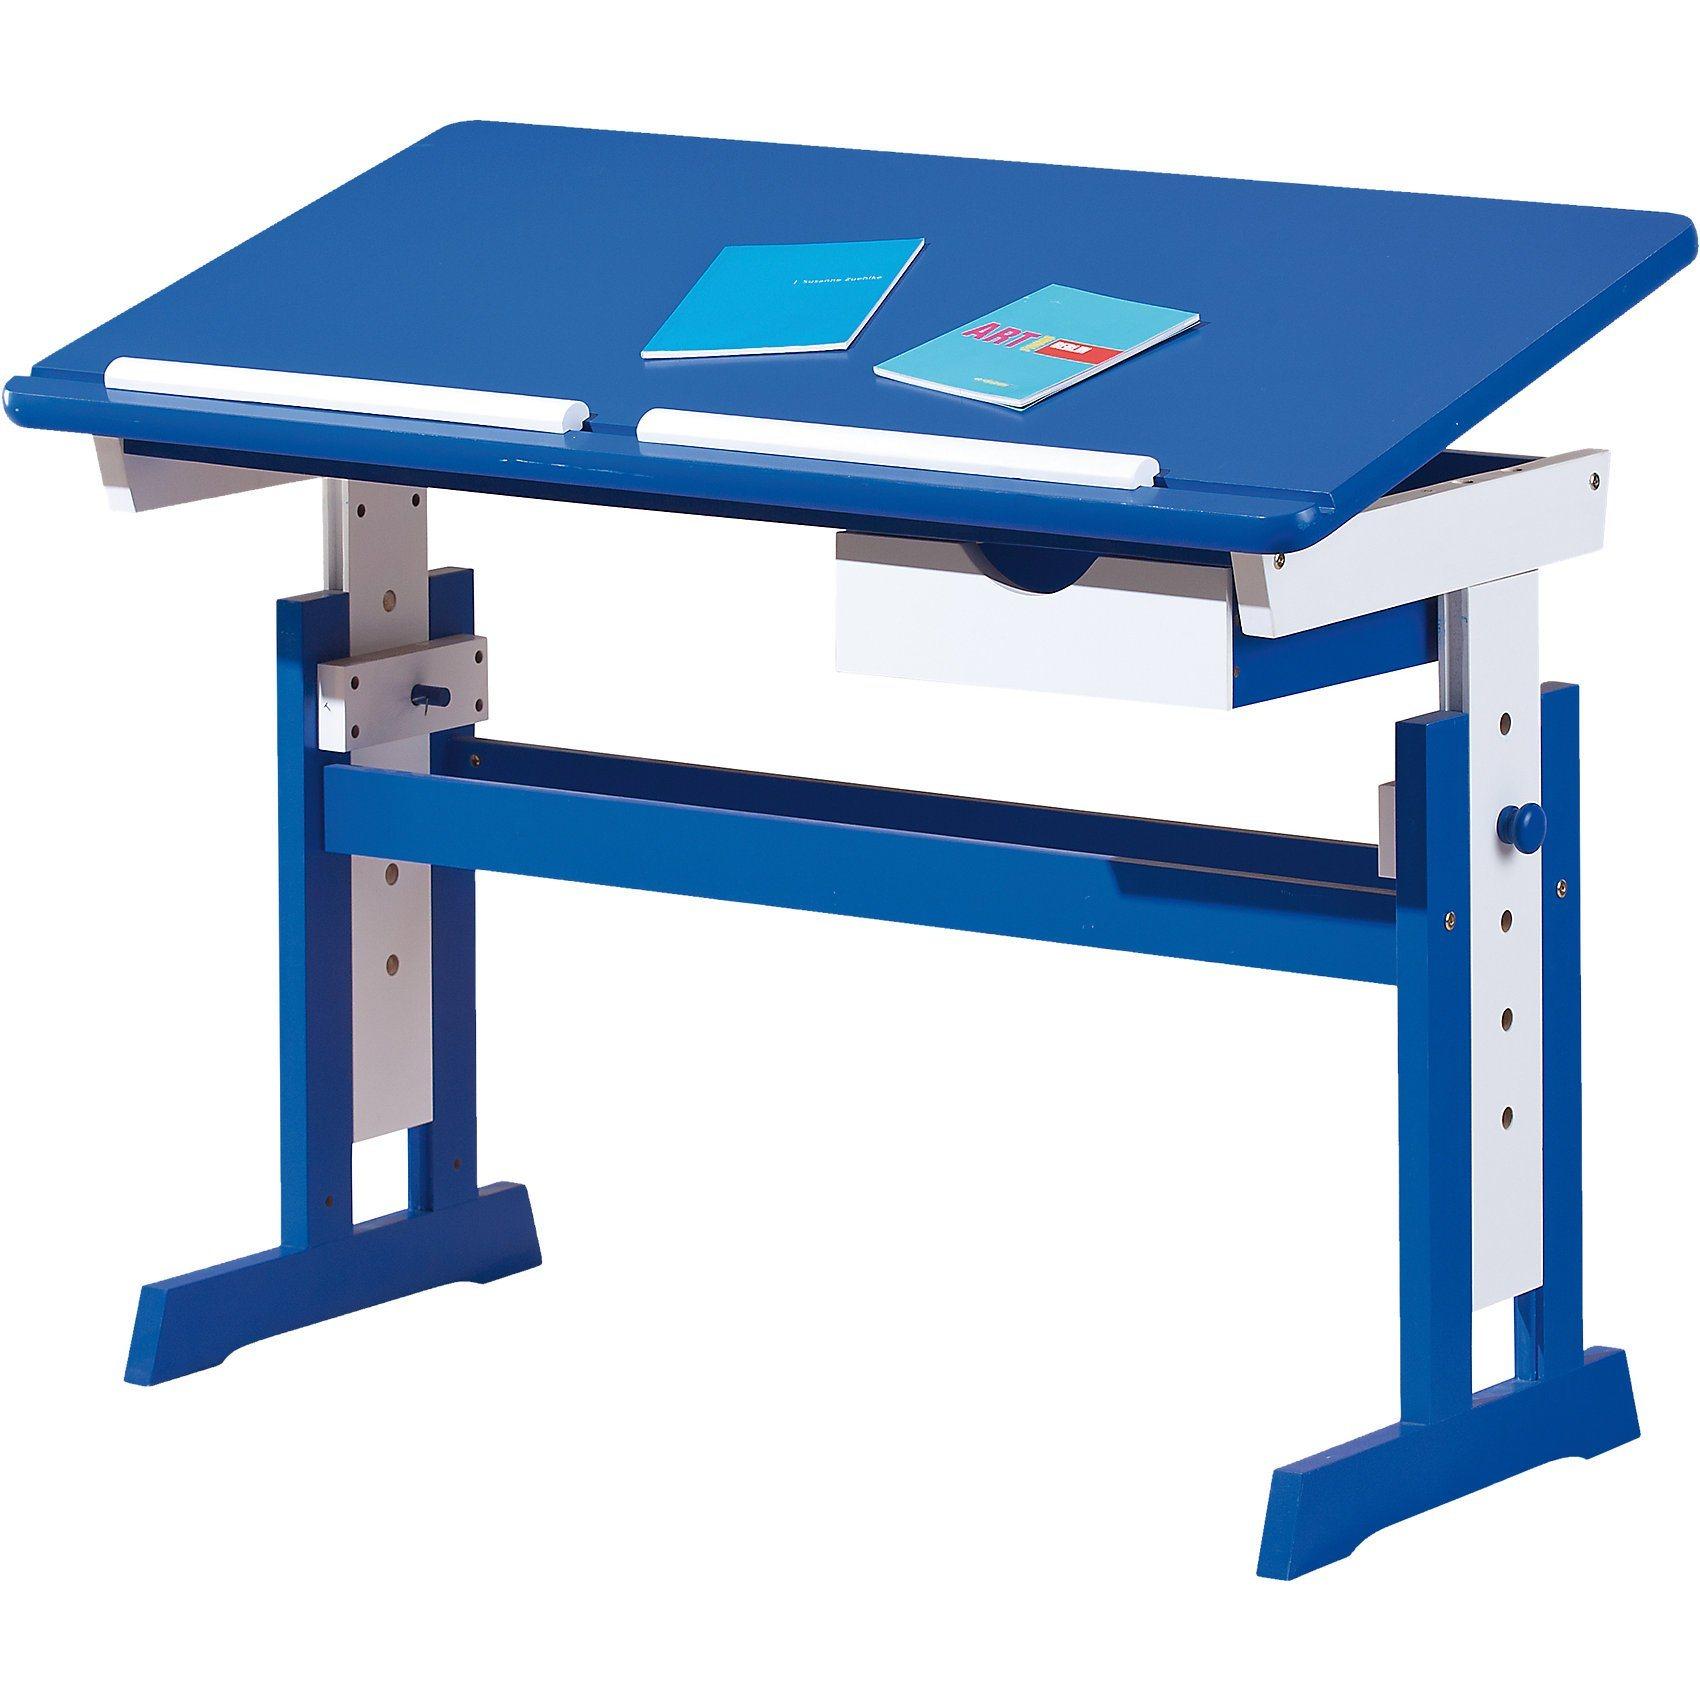 Rollcontainer Schreibtisch Massivholz Preisvergleich • Die besten ...